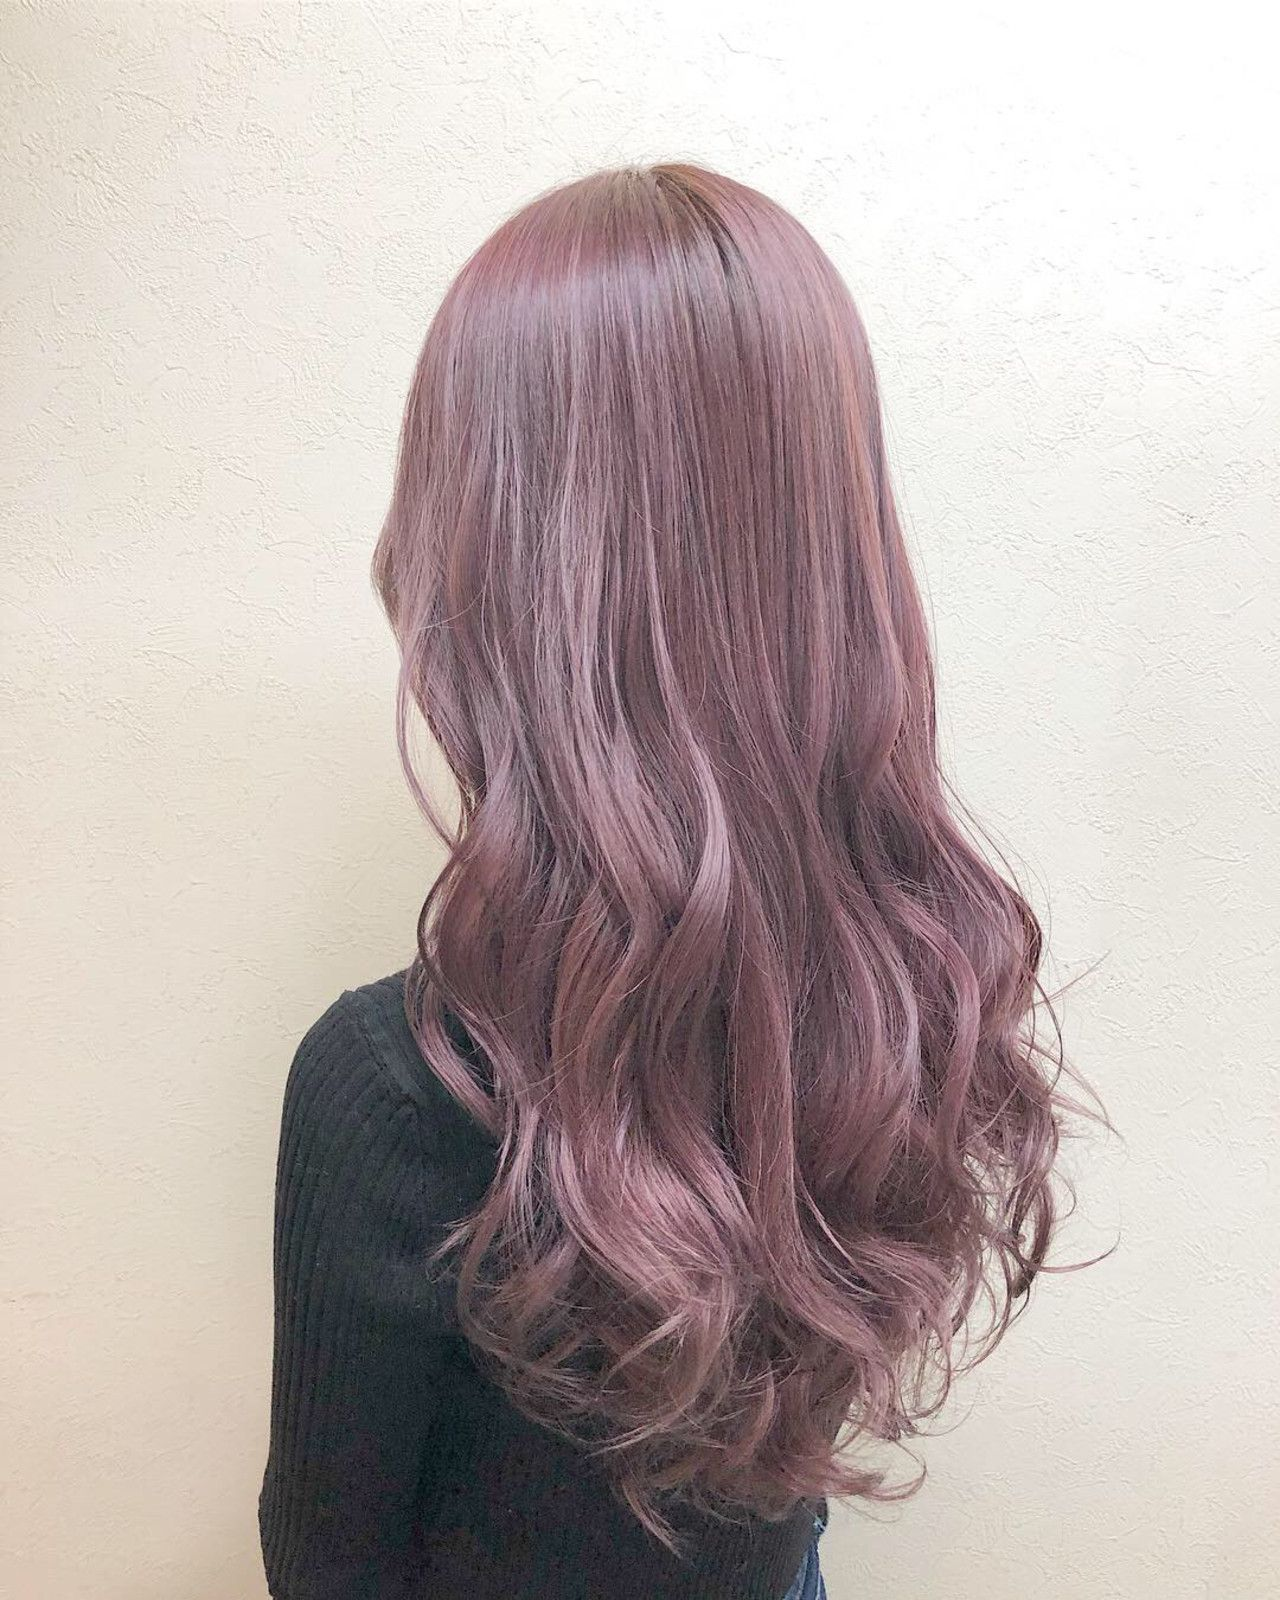 春のヘアカラーはピンクがかわいい モテ髪色レシピ集 ヘアカラー